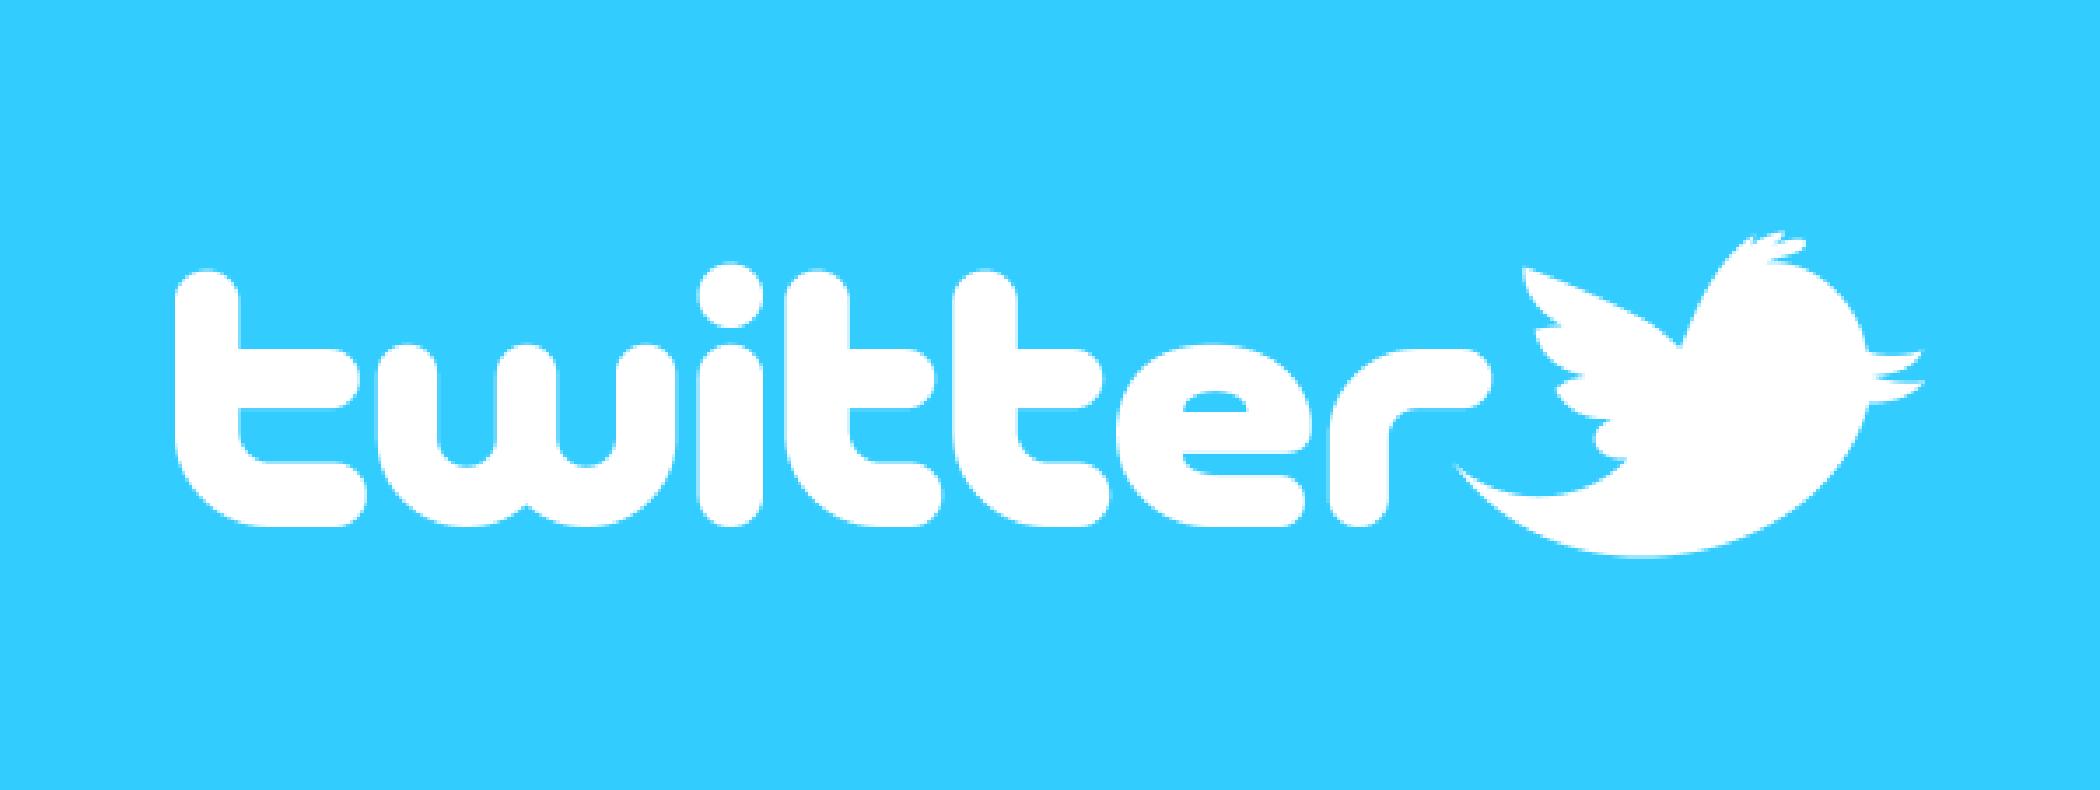 Twitter spelbolag sociala medier